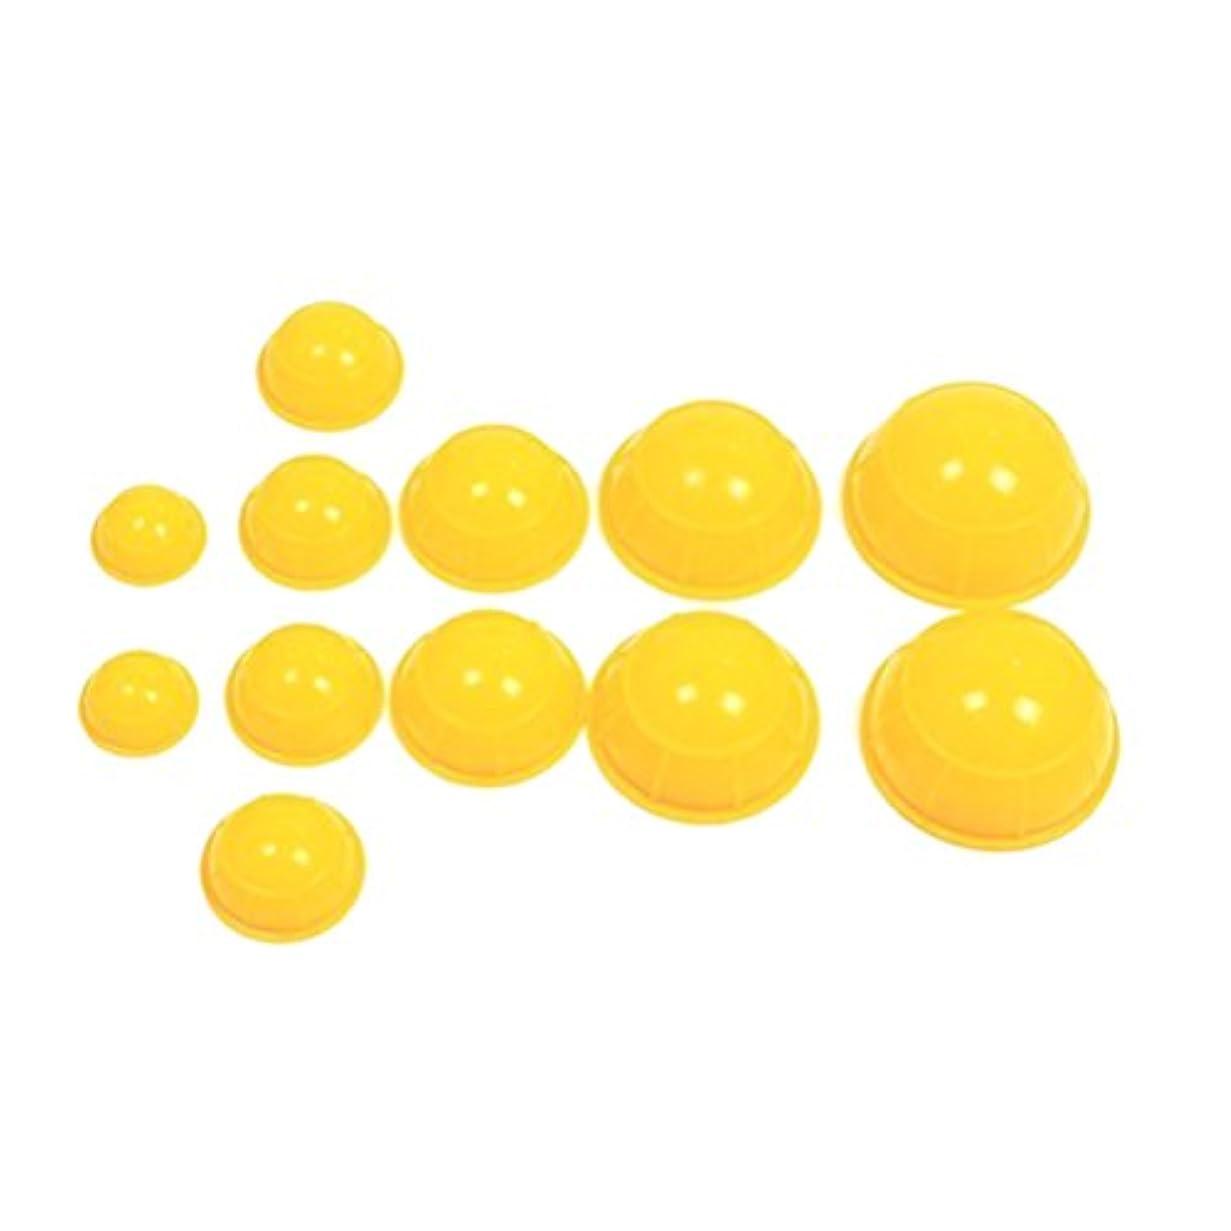 延期するお金ゴムシネウィROSENICE シリコーンマッサージカッピングカップセットボディフェイシャルセラピーカッピングカップ12個(イエロー)